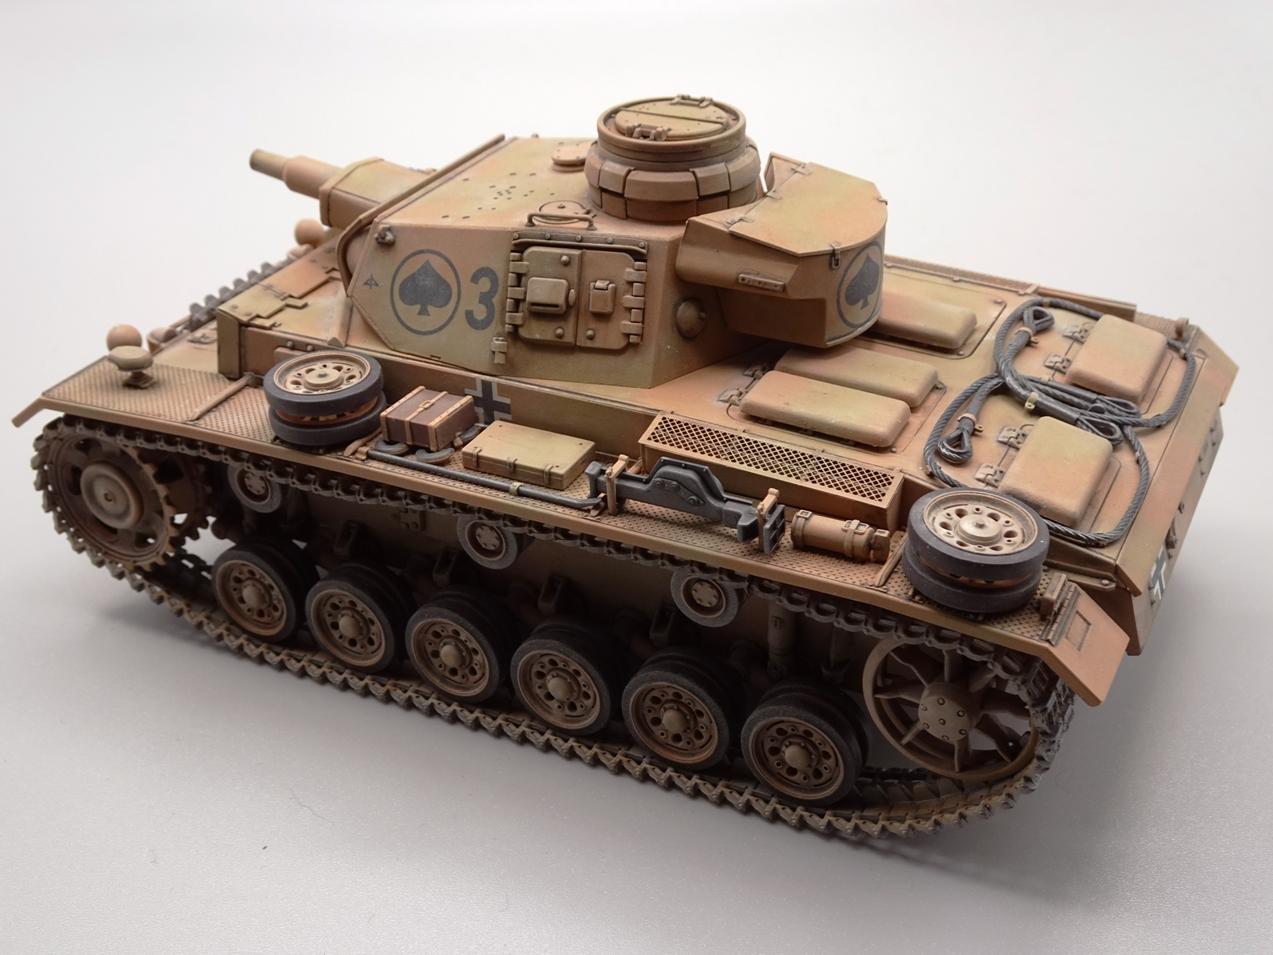 [Tamiya 1/35] Pz III Ausf.N (Sd.Kfz.141/2) réf. 35290 - Page 2 PZIII-fini-2